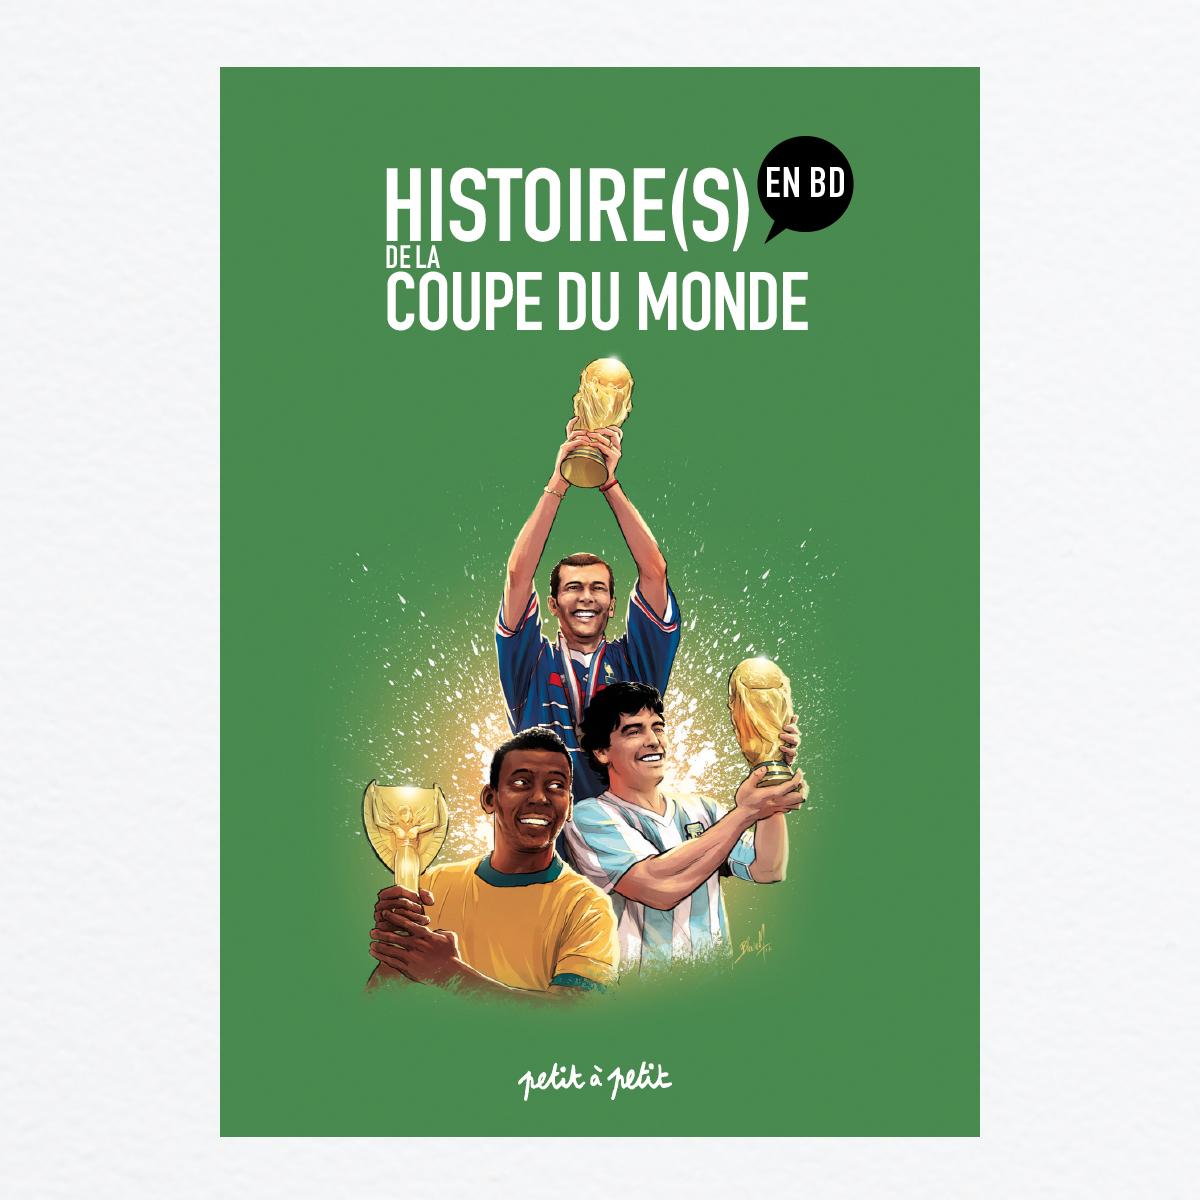 Histoire s de la coupe du monde en bd ditions petit petit - Histoire de la coupe du monde ...